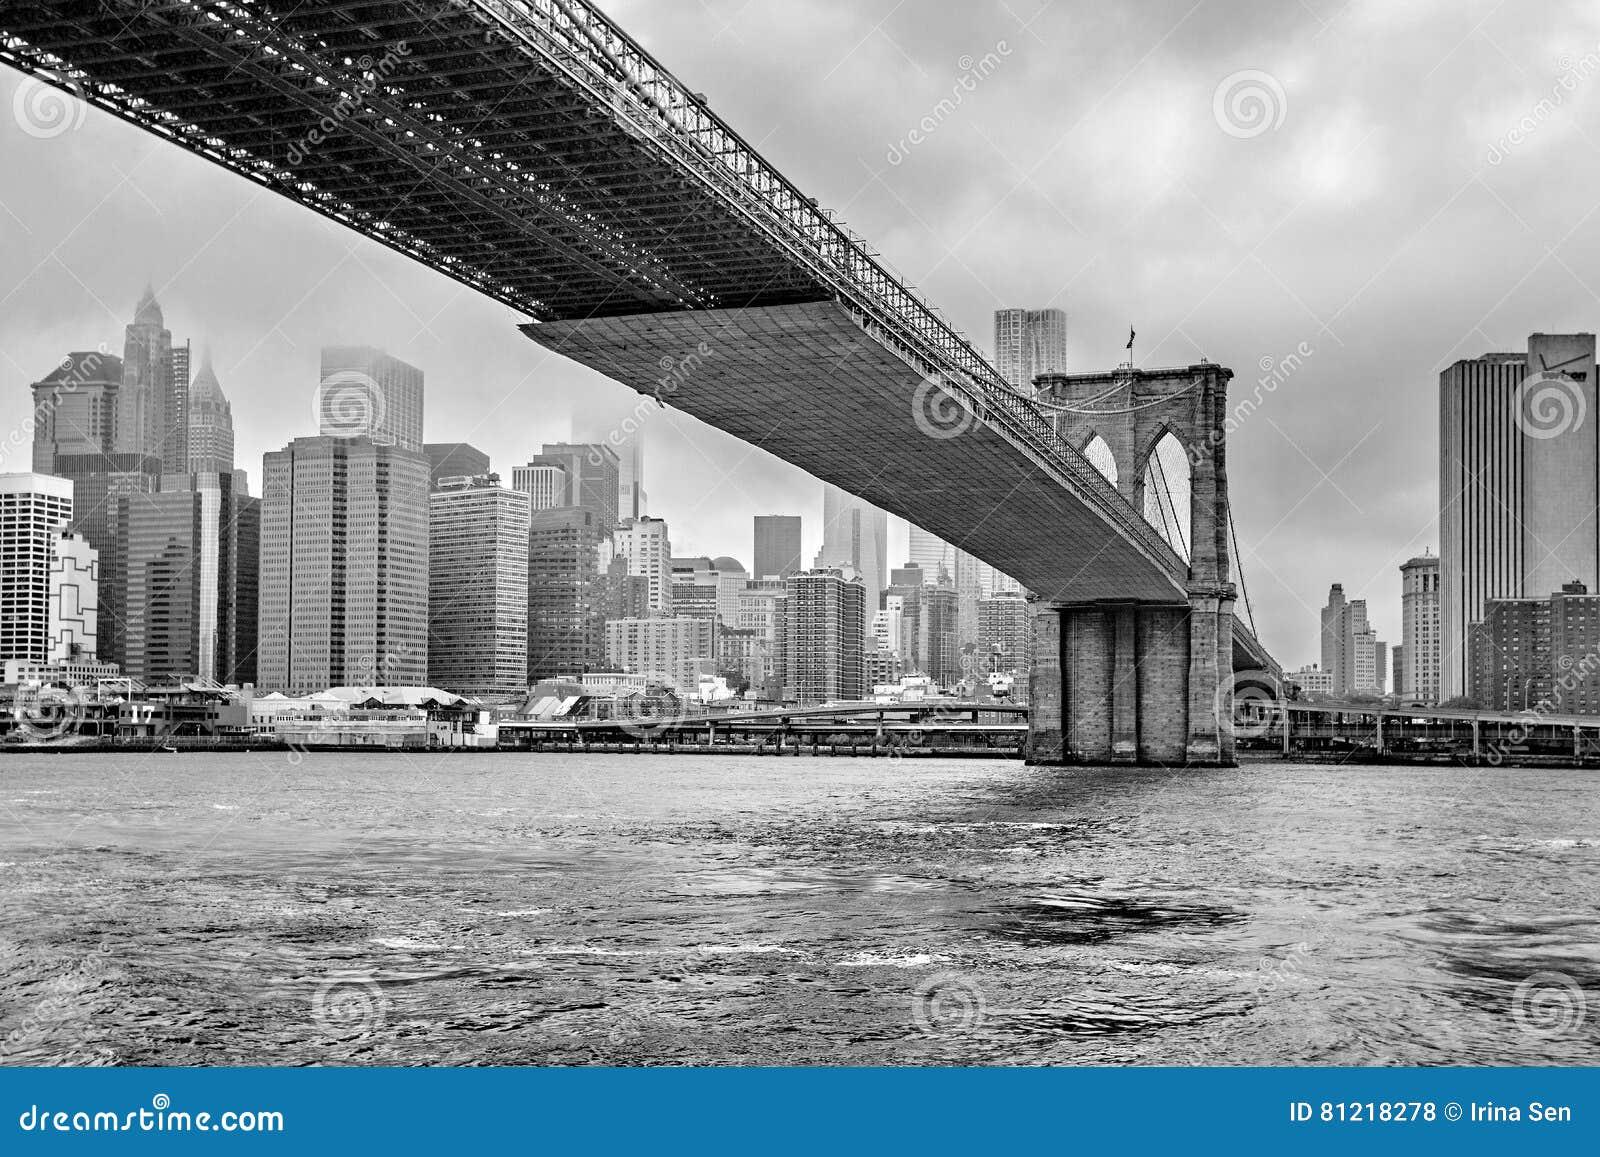 Horizonte de niebla de Manhattan - de Manhattan y puente de Brooklyn, Manhattan, Nueva York, Estados Unidos